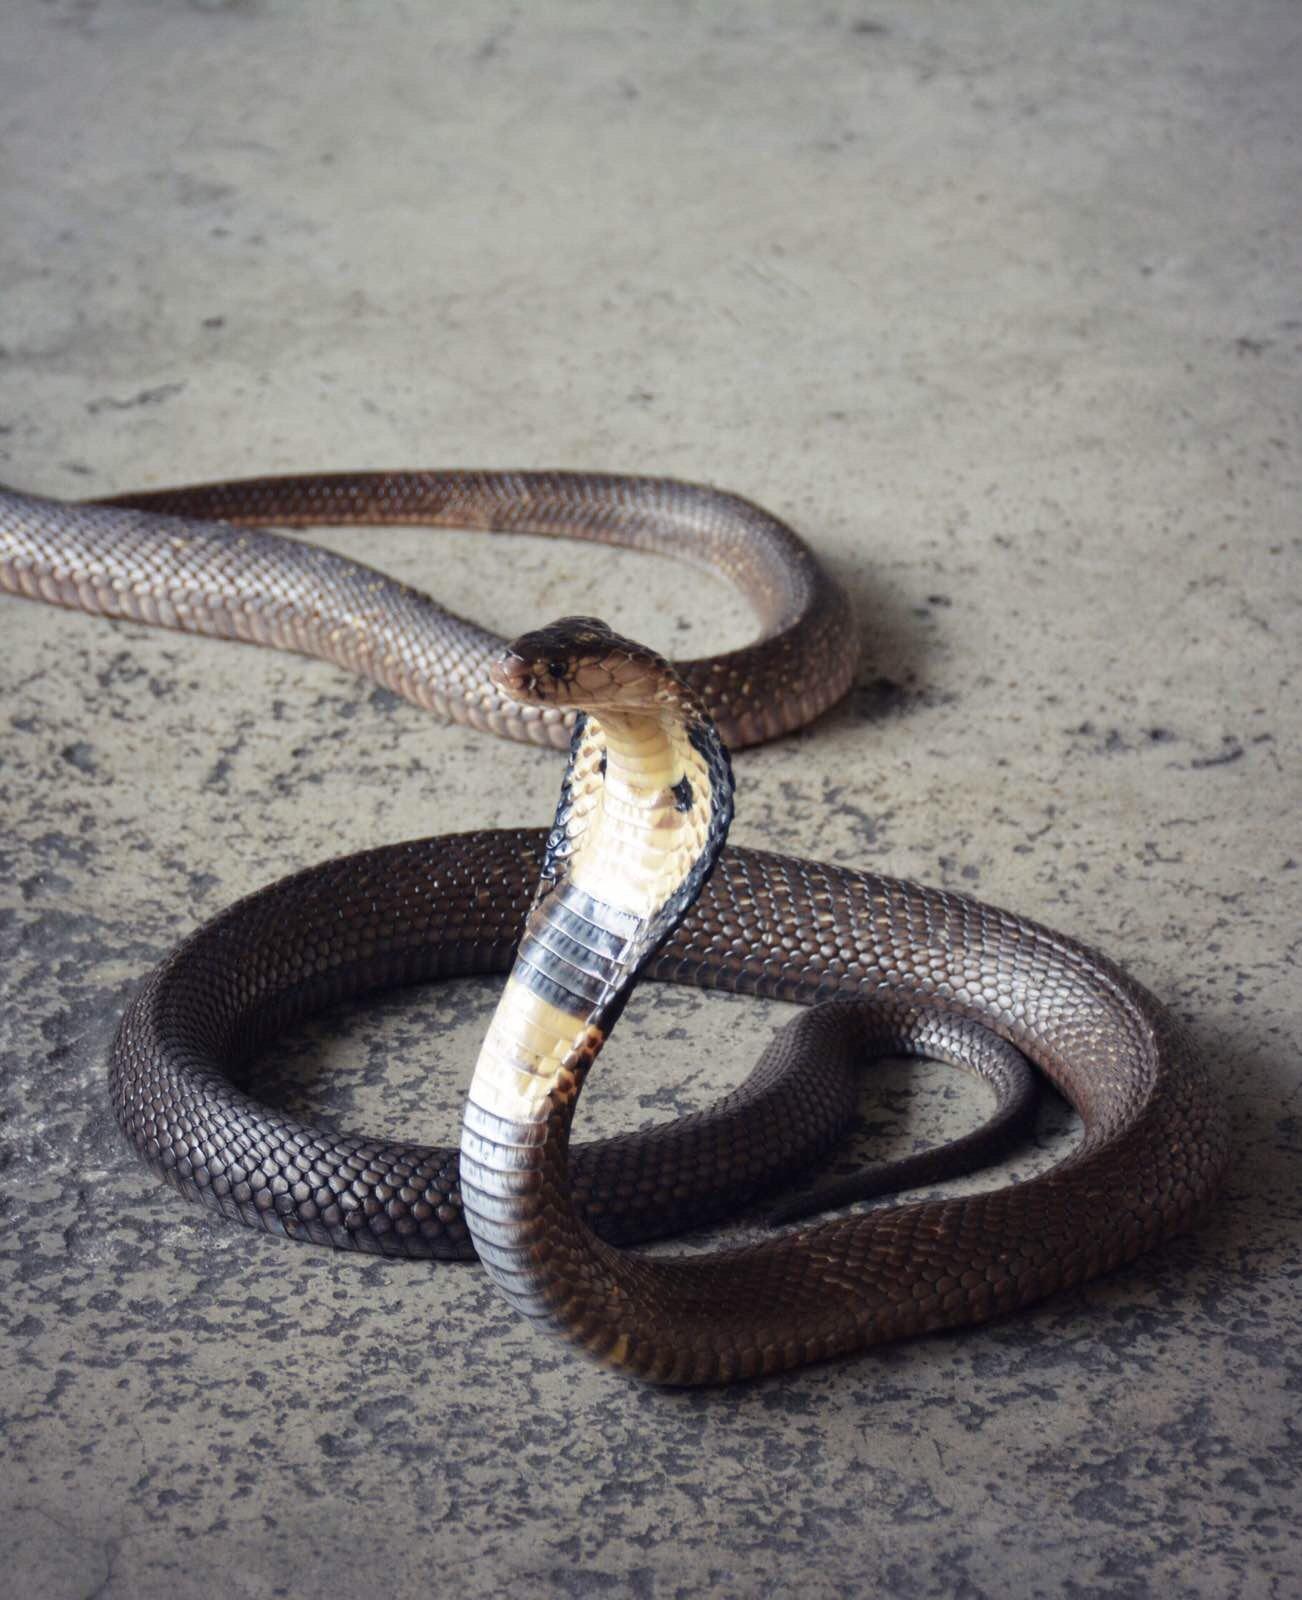 48段魔尺眼镜蛇步骤图